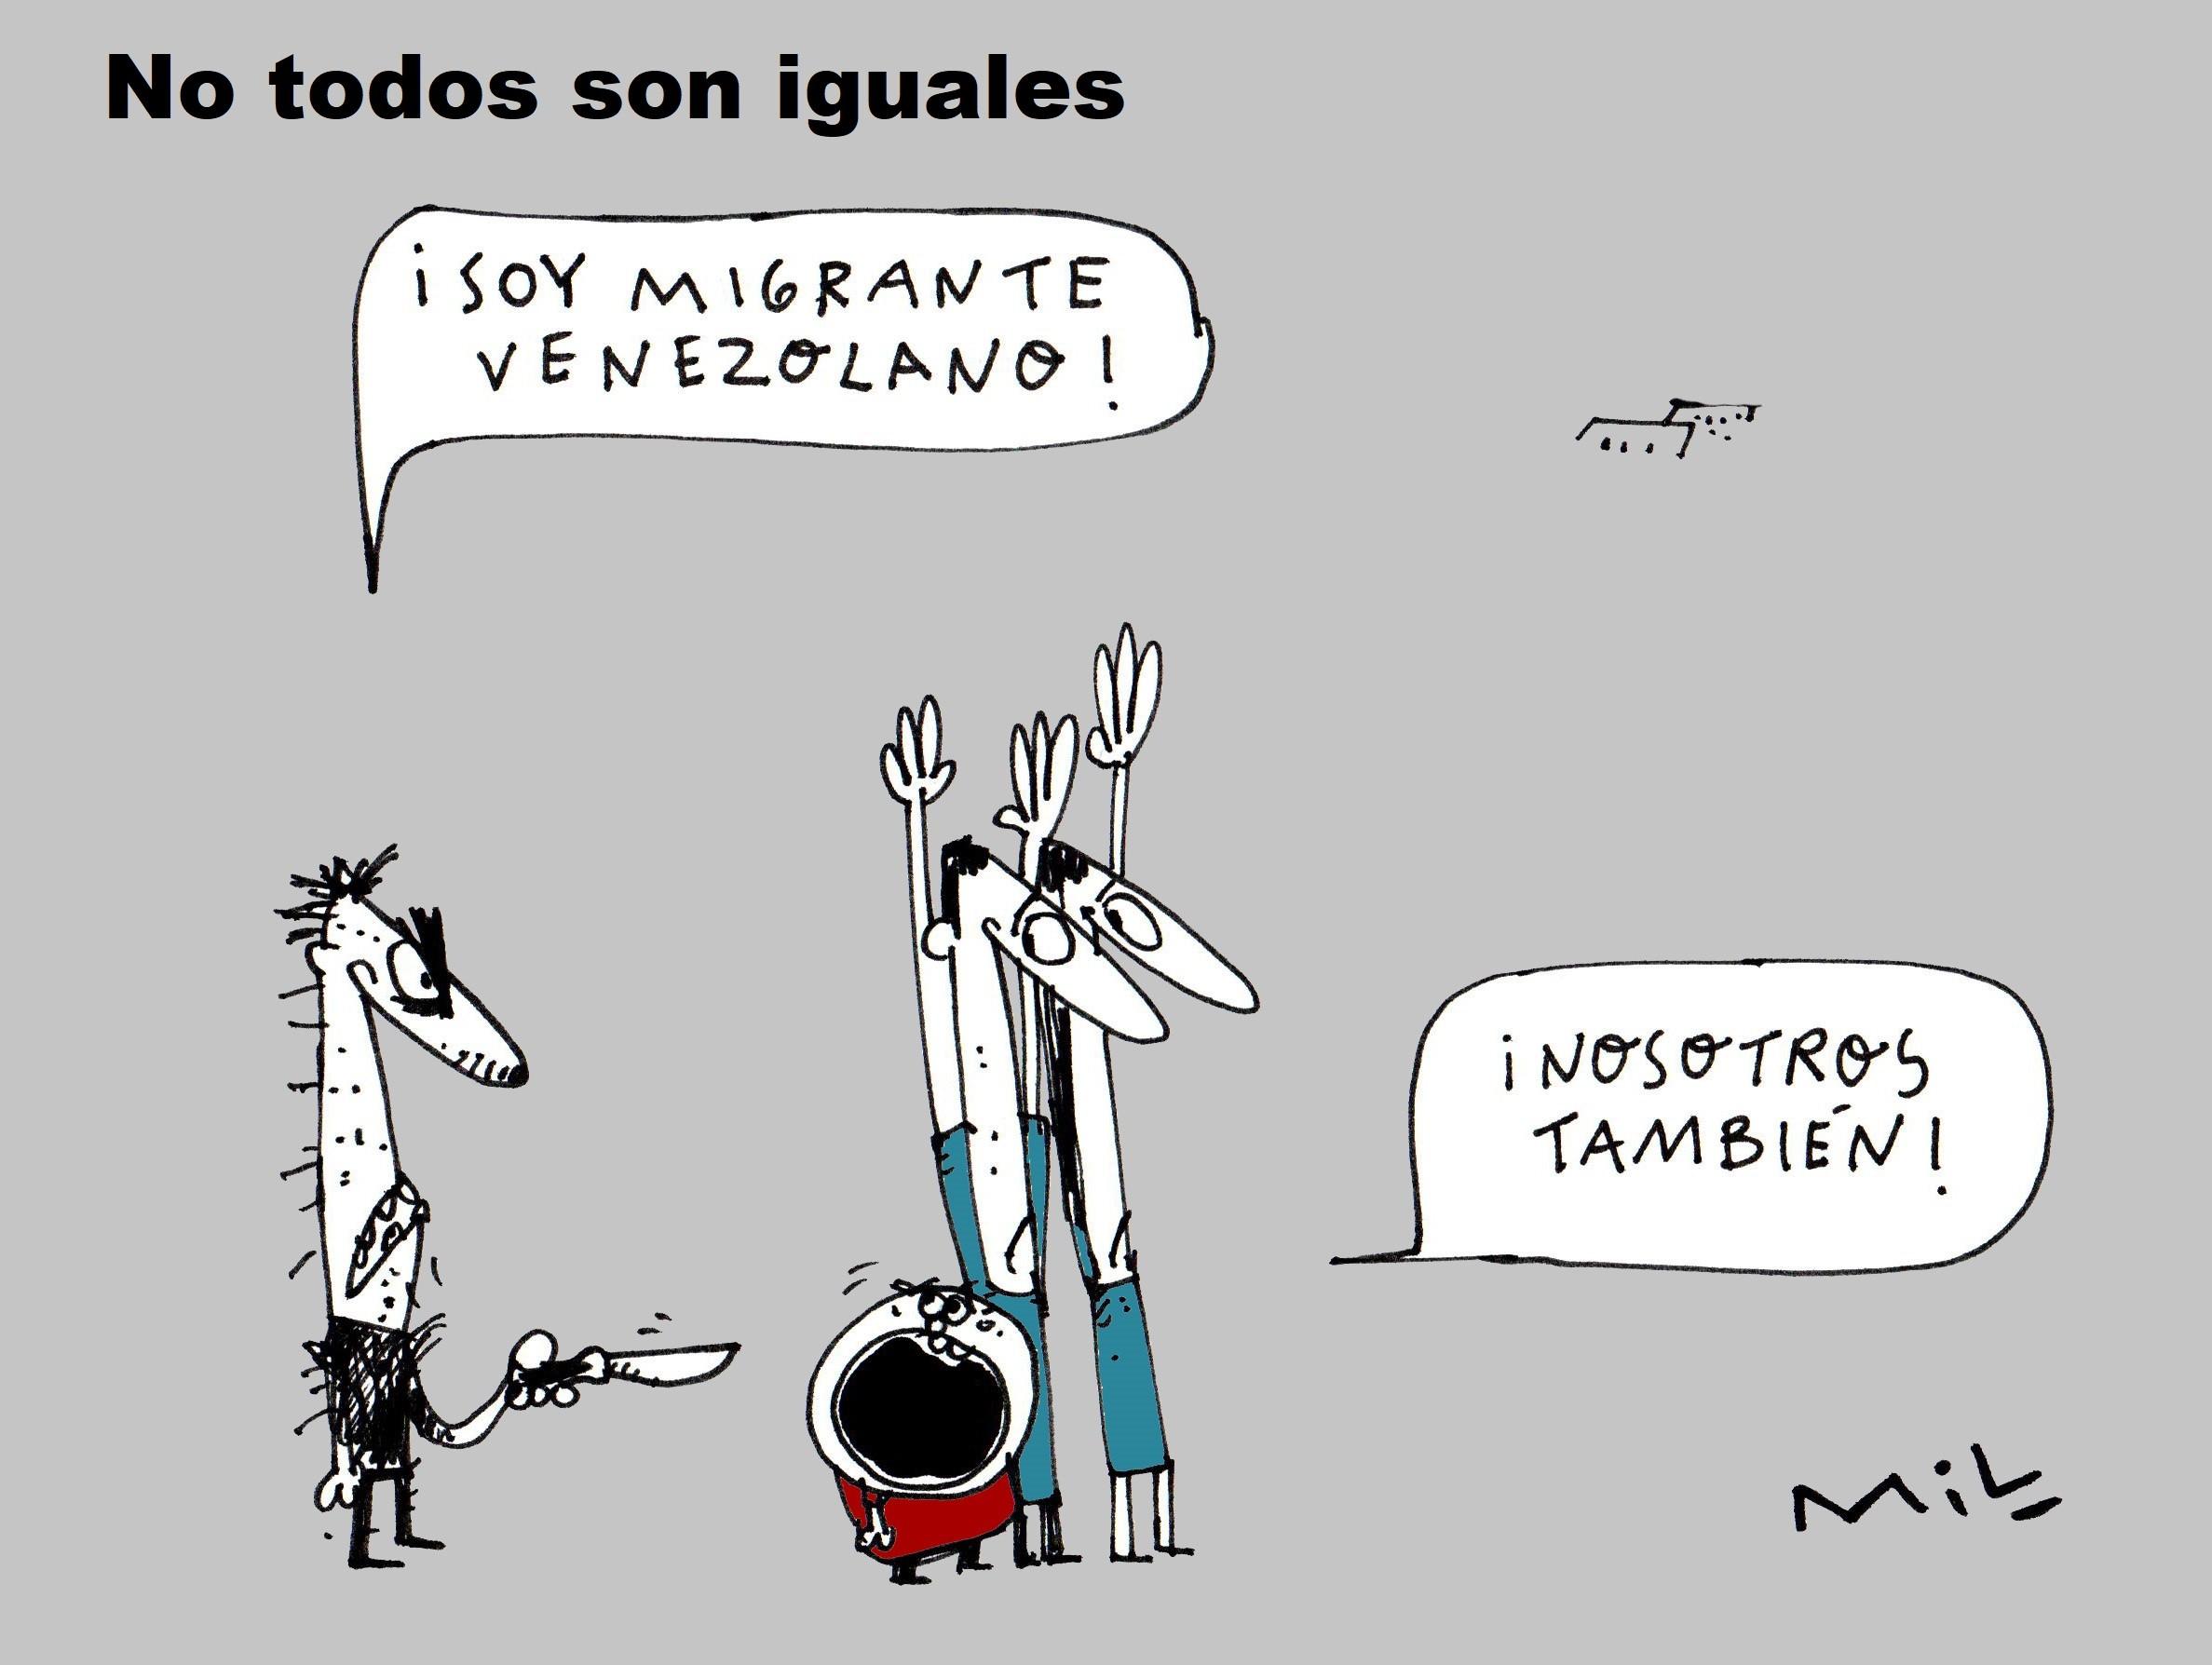 Caricatura 3 de Marzo de 2020